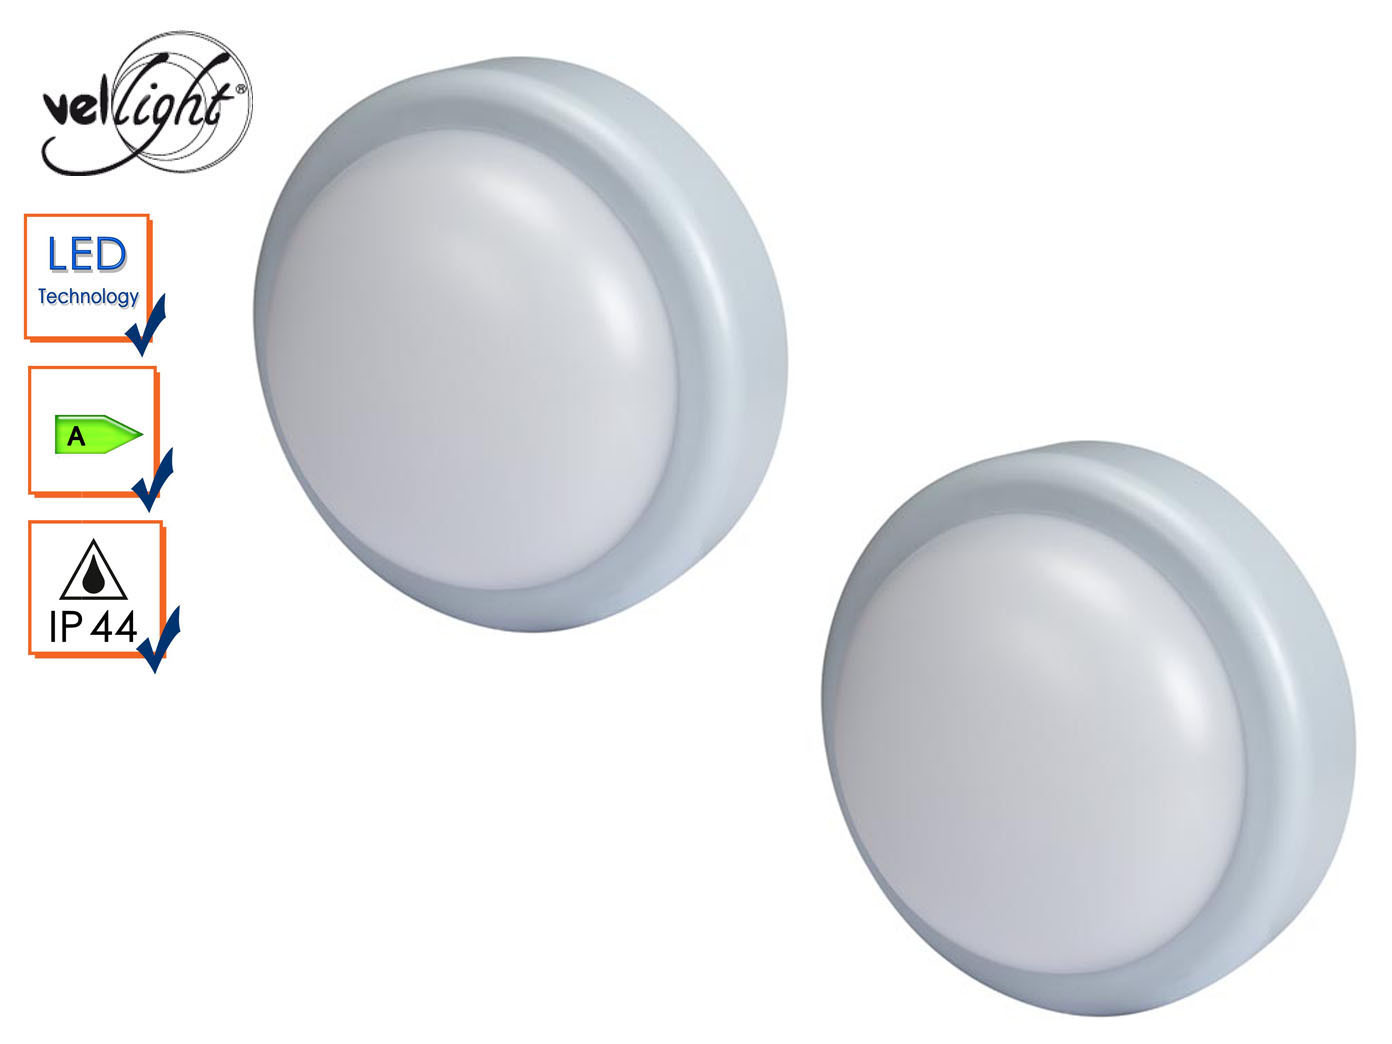 2er Set runde LED Außenwandleuchten grau, Außenbeleuchtung Haus Außenlampen